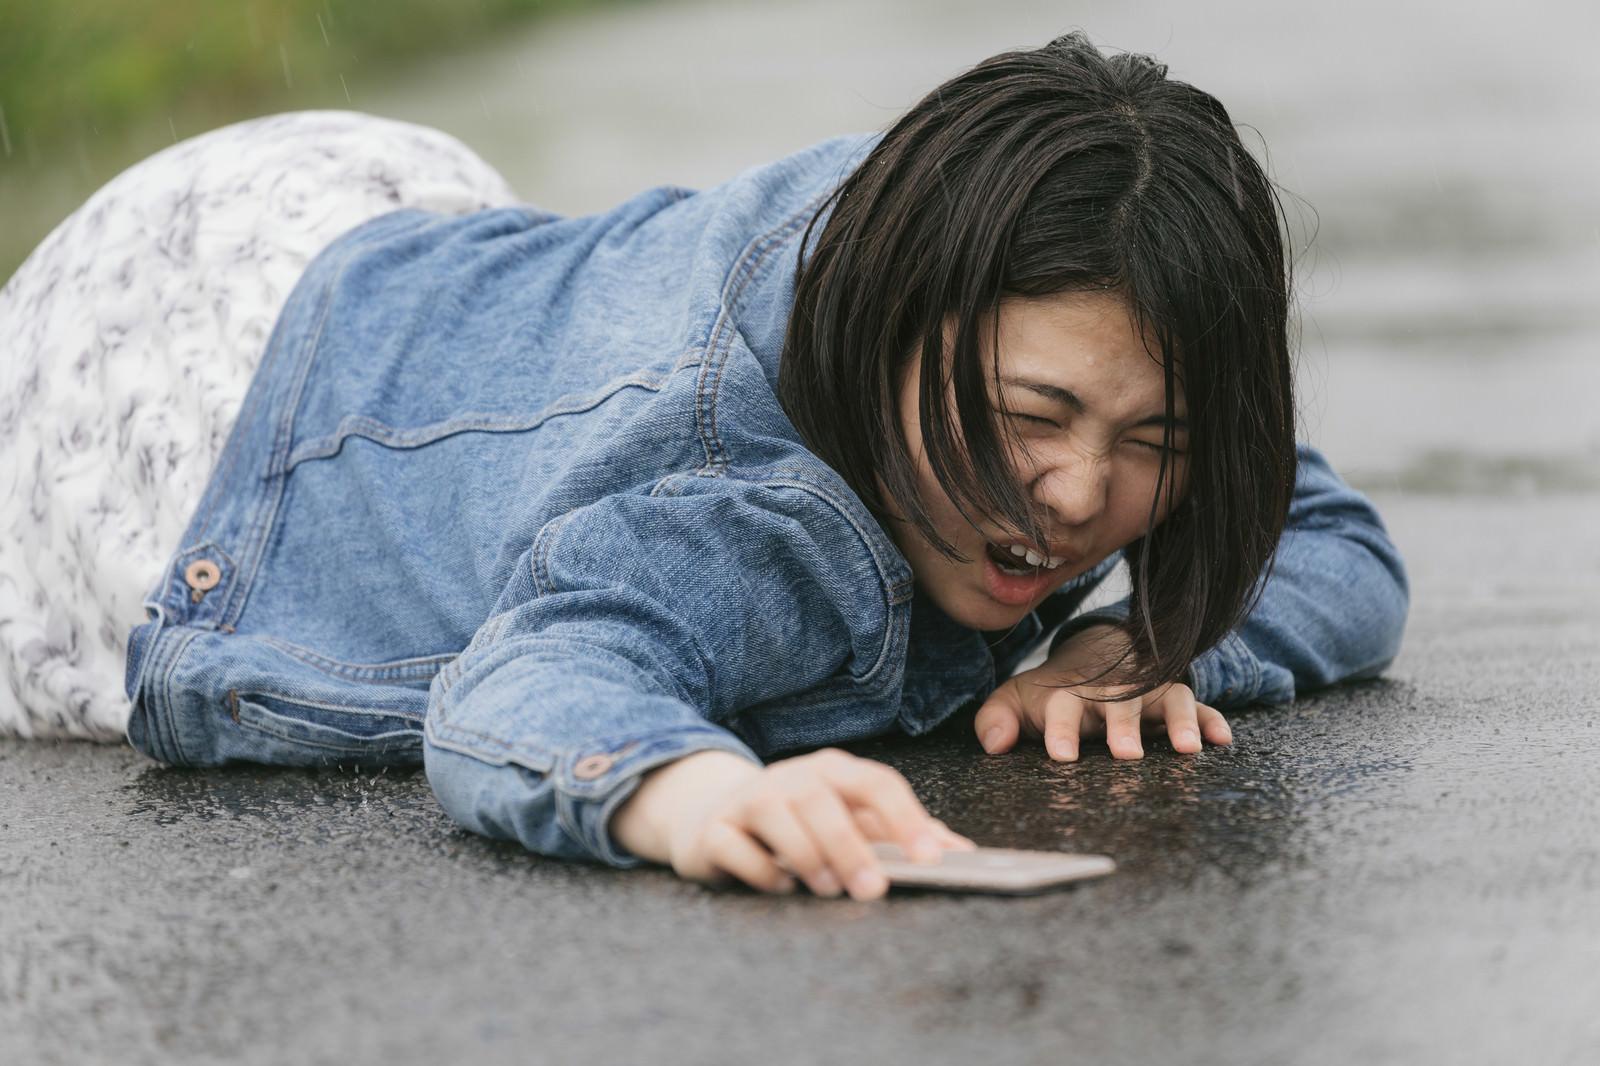 「歩きスマホで転倒し泣き叫ぶ女性(雨天)歩きスマホで転倒し泣き叫ぶ女性(雨天)」[モデル:佐竹PP]のフリー写真素材を拡大